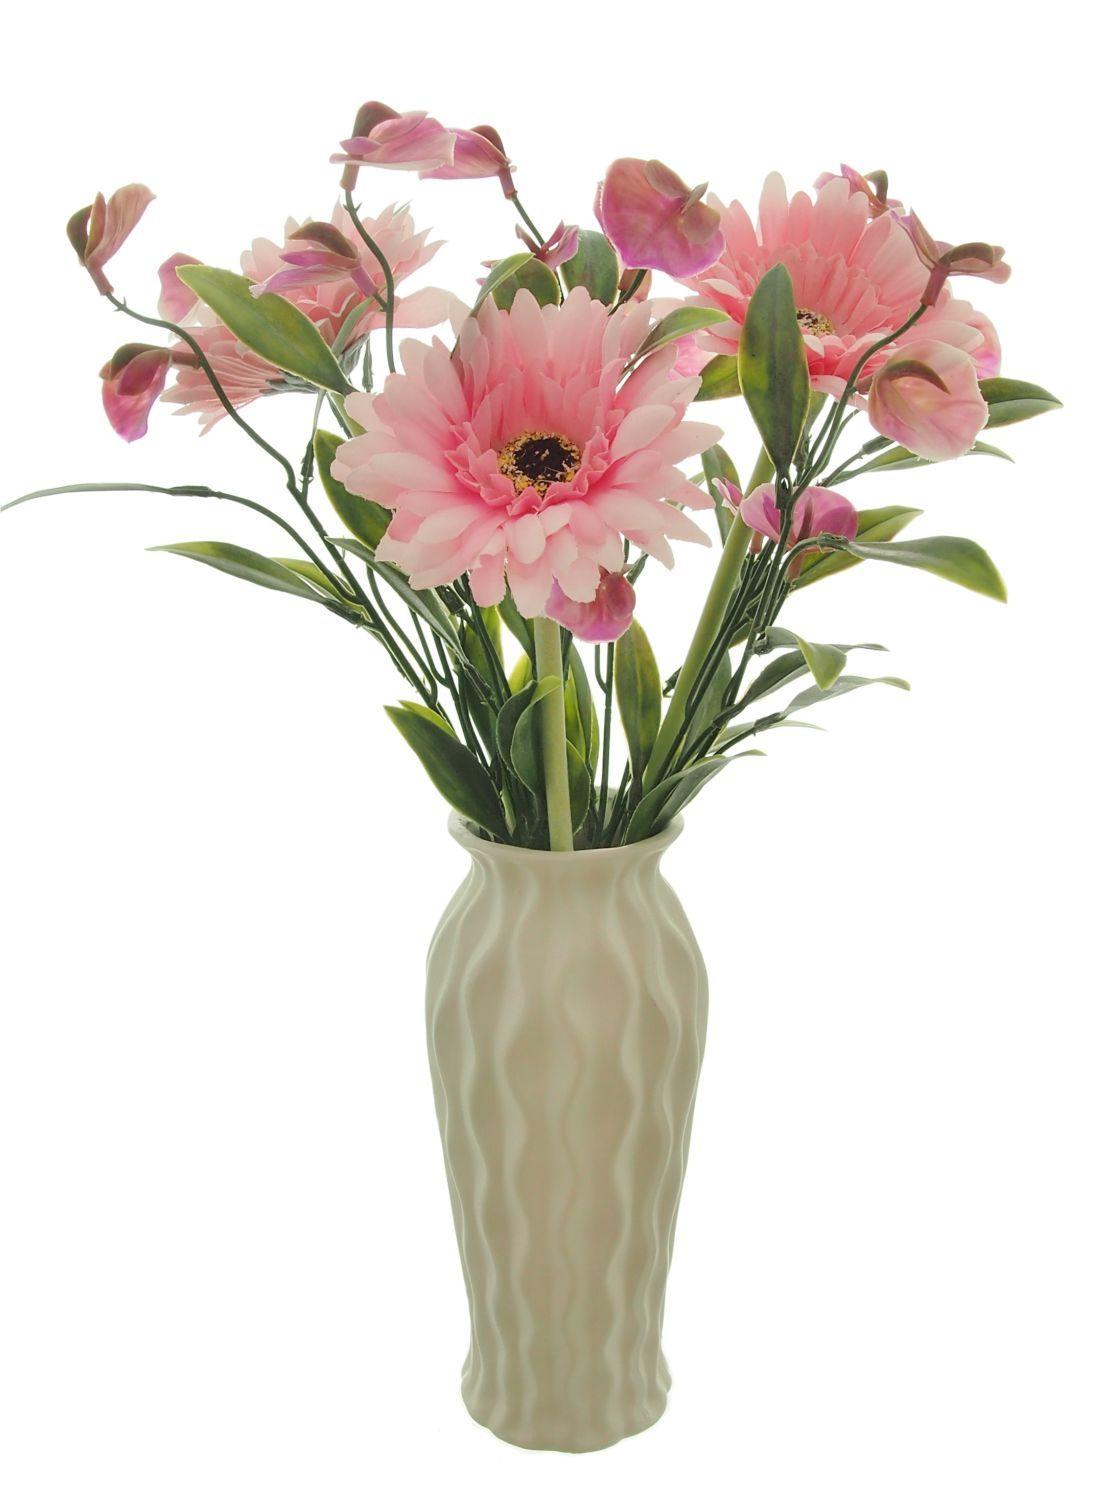 Our Gerbera Meadow Arrangement Silkflowers Vase Arrangement